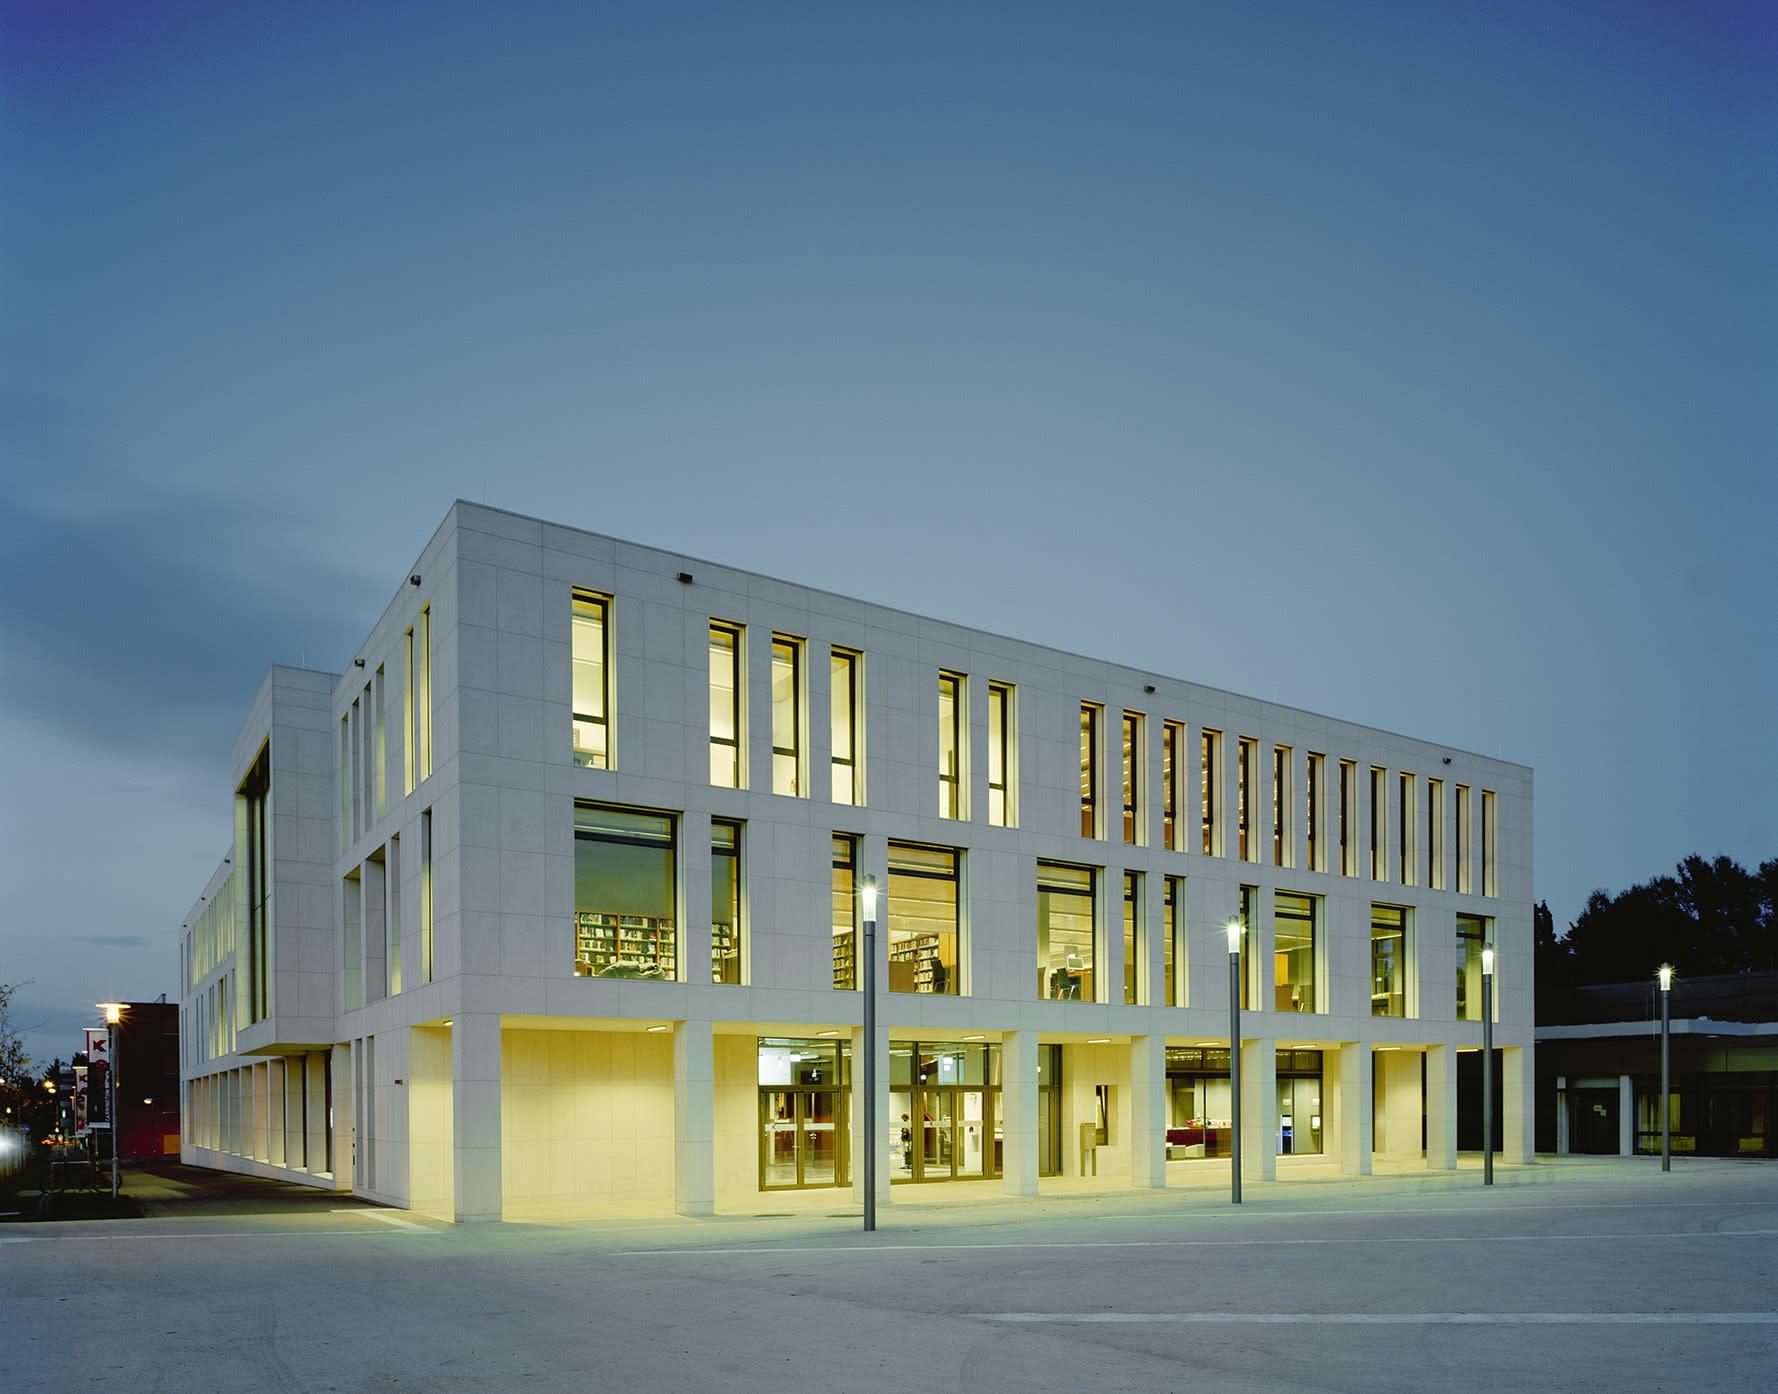 Kulturzentrum Außenaufnahme beleuchtet